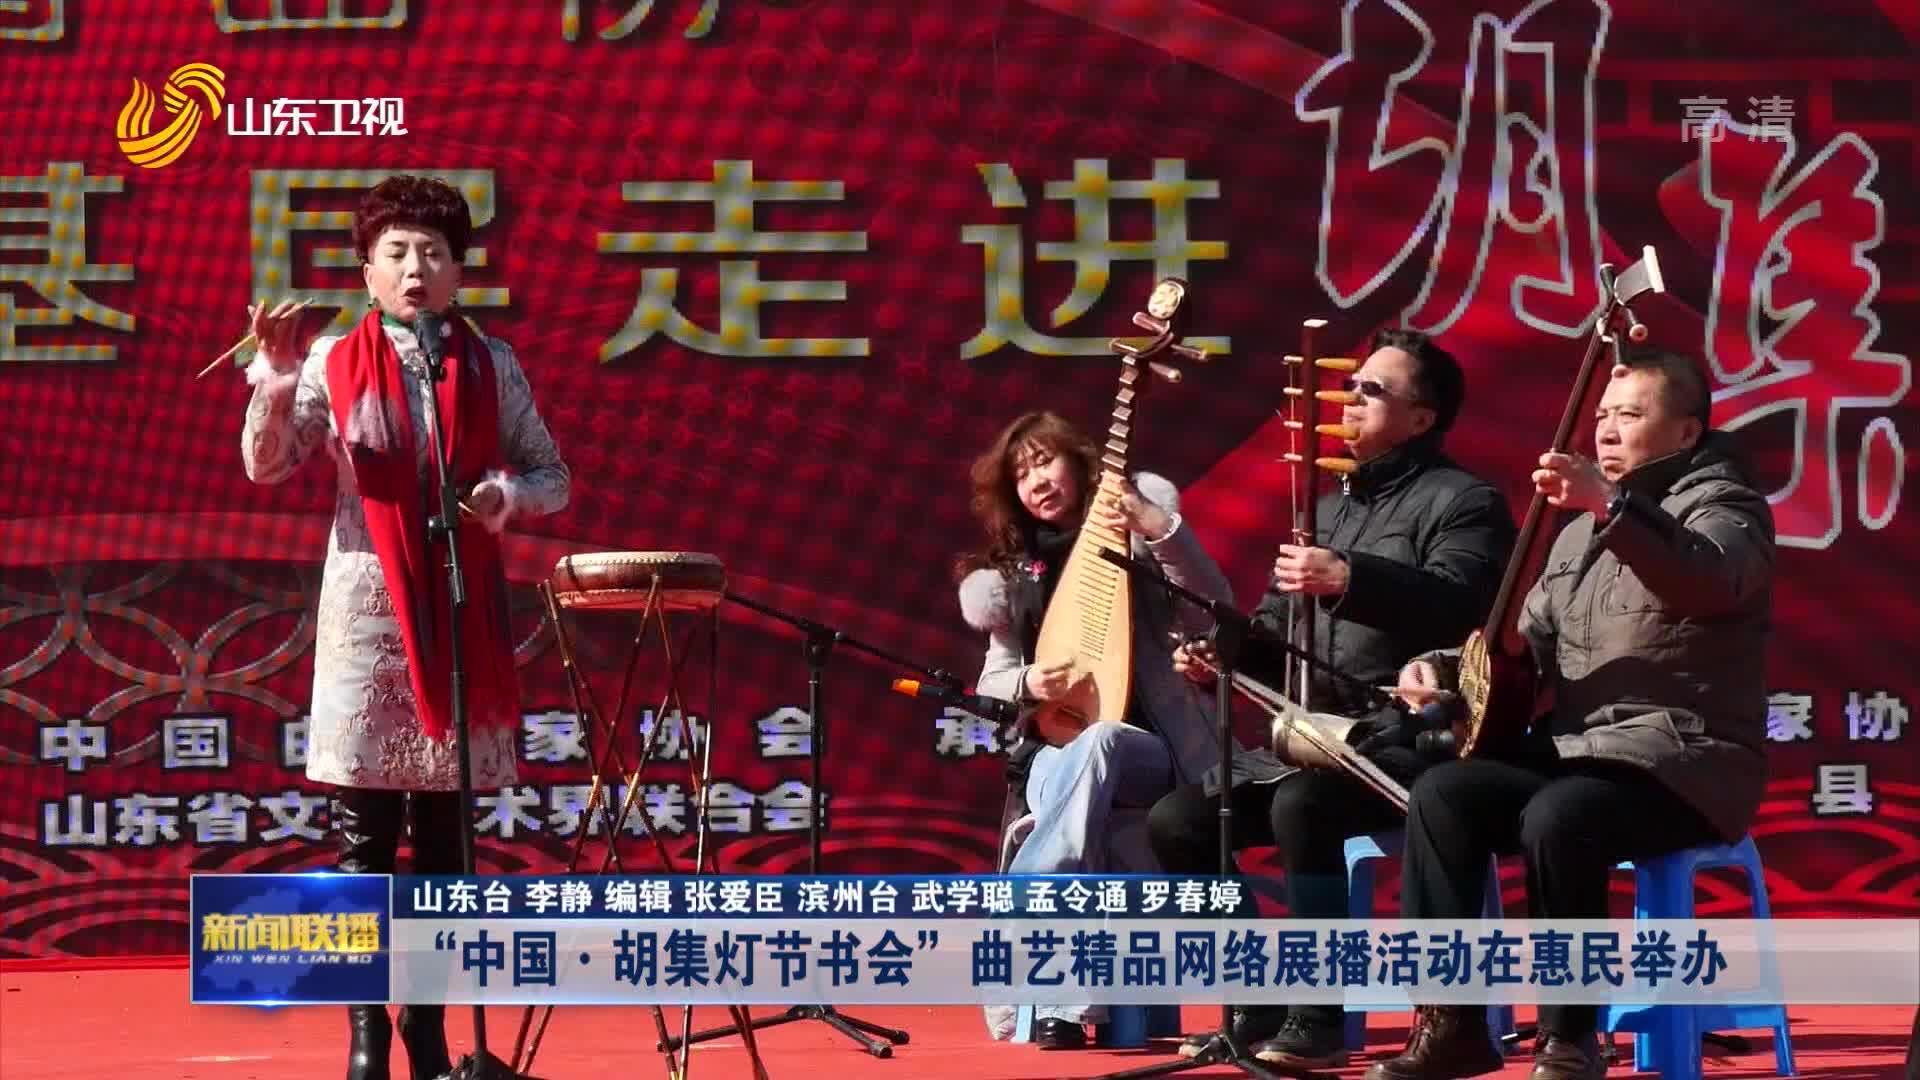 """""""中国·胡集灯节书会""""曲艺精品网络展播活动在惠民举办"""